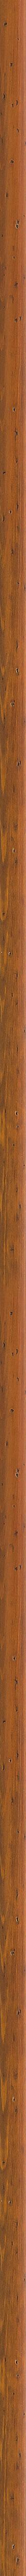 Curved aged walnut frame frame